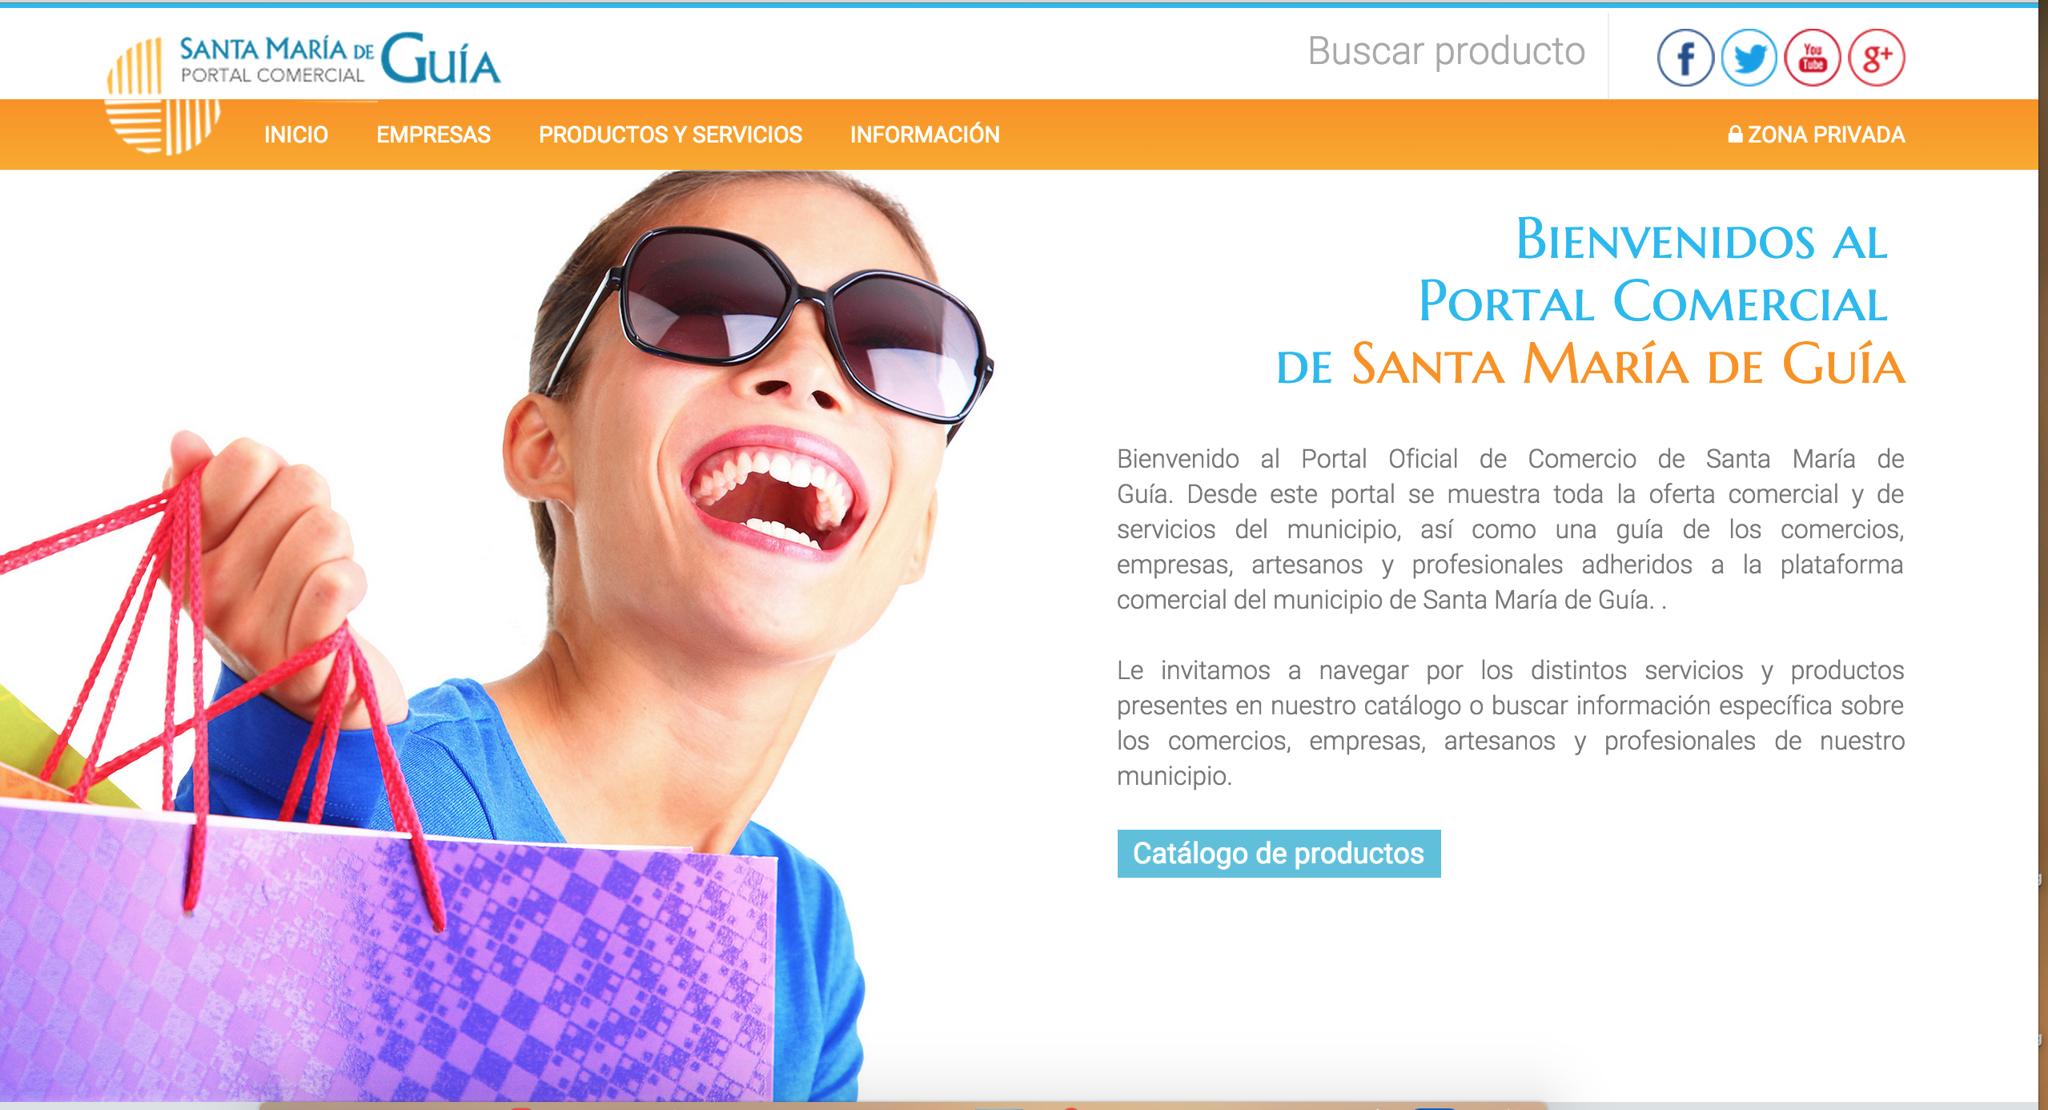 7526525221 Haz clic en la foto para ir al portal de comercio de Santa María de Guía.